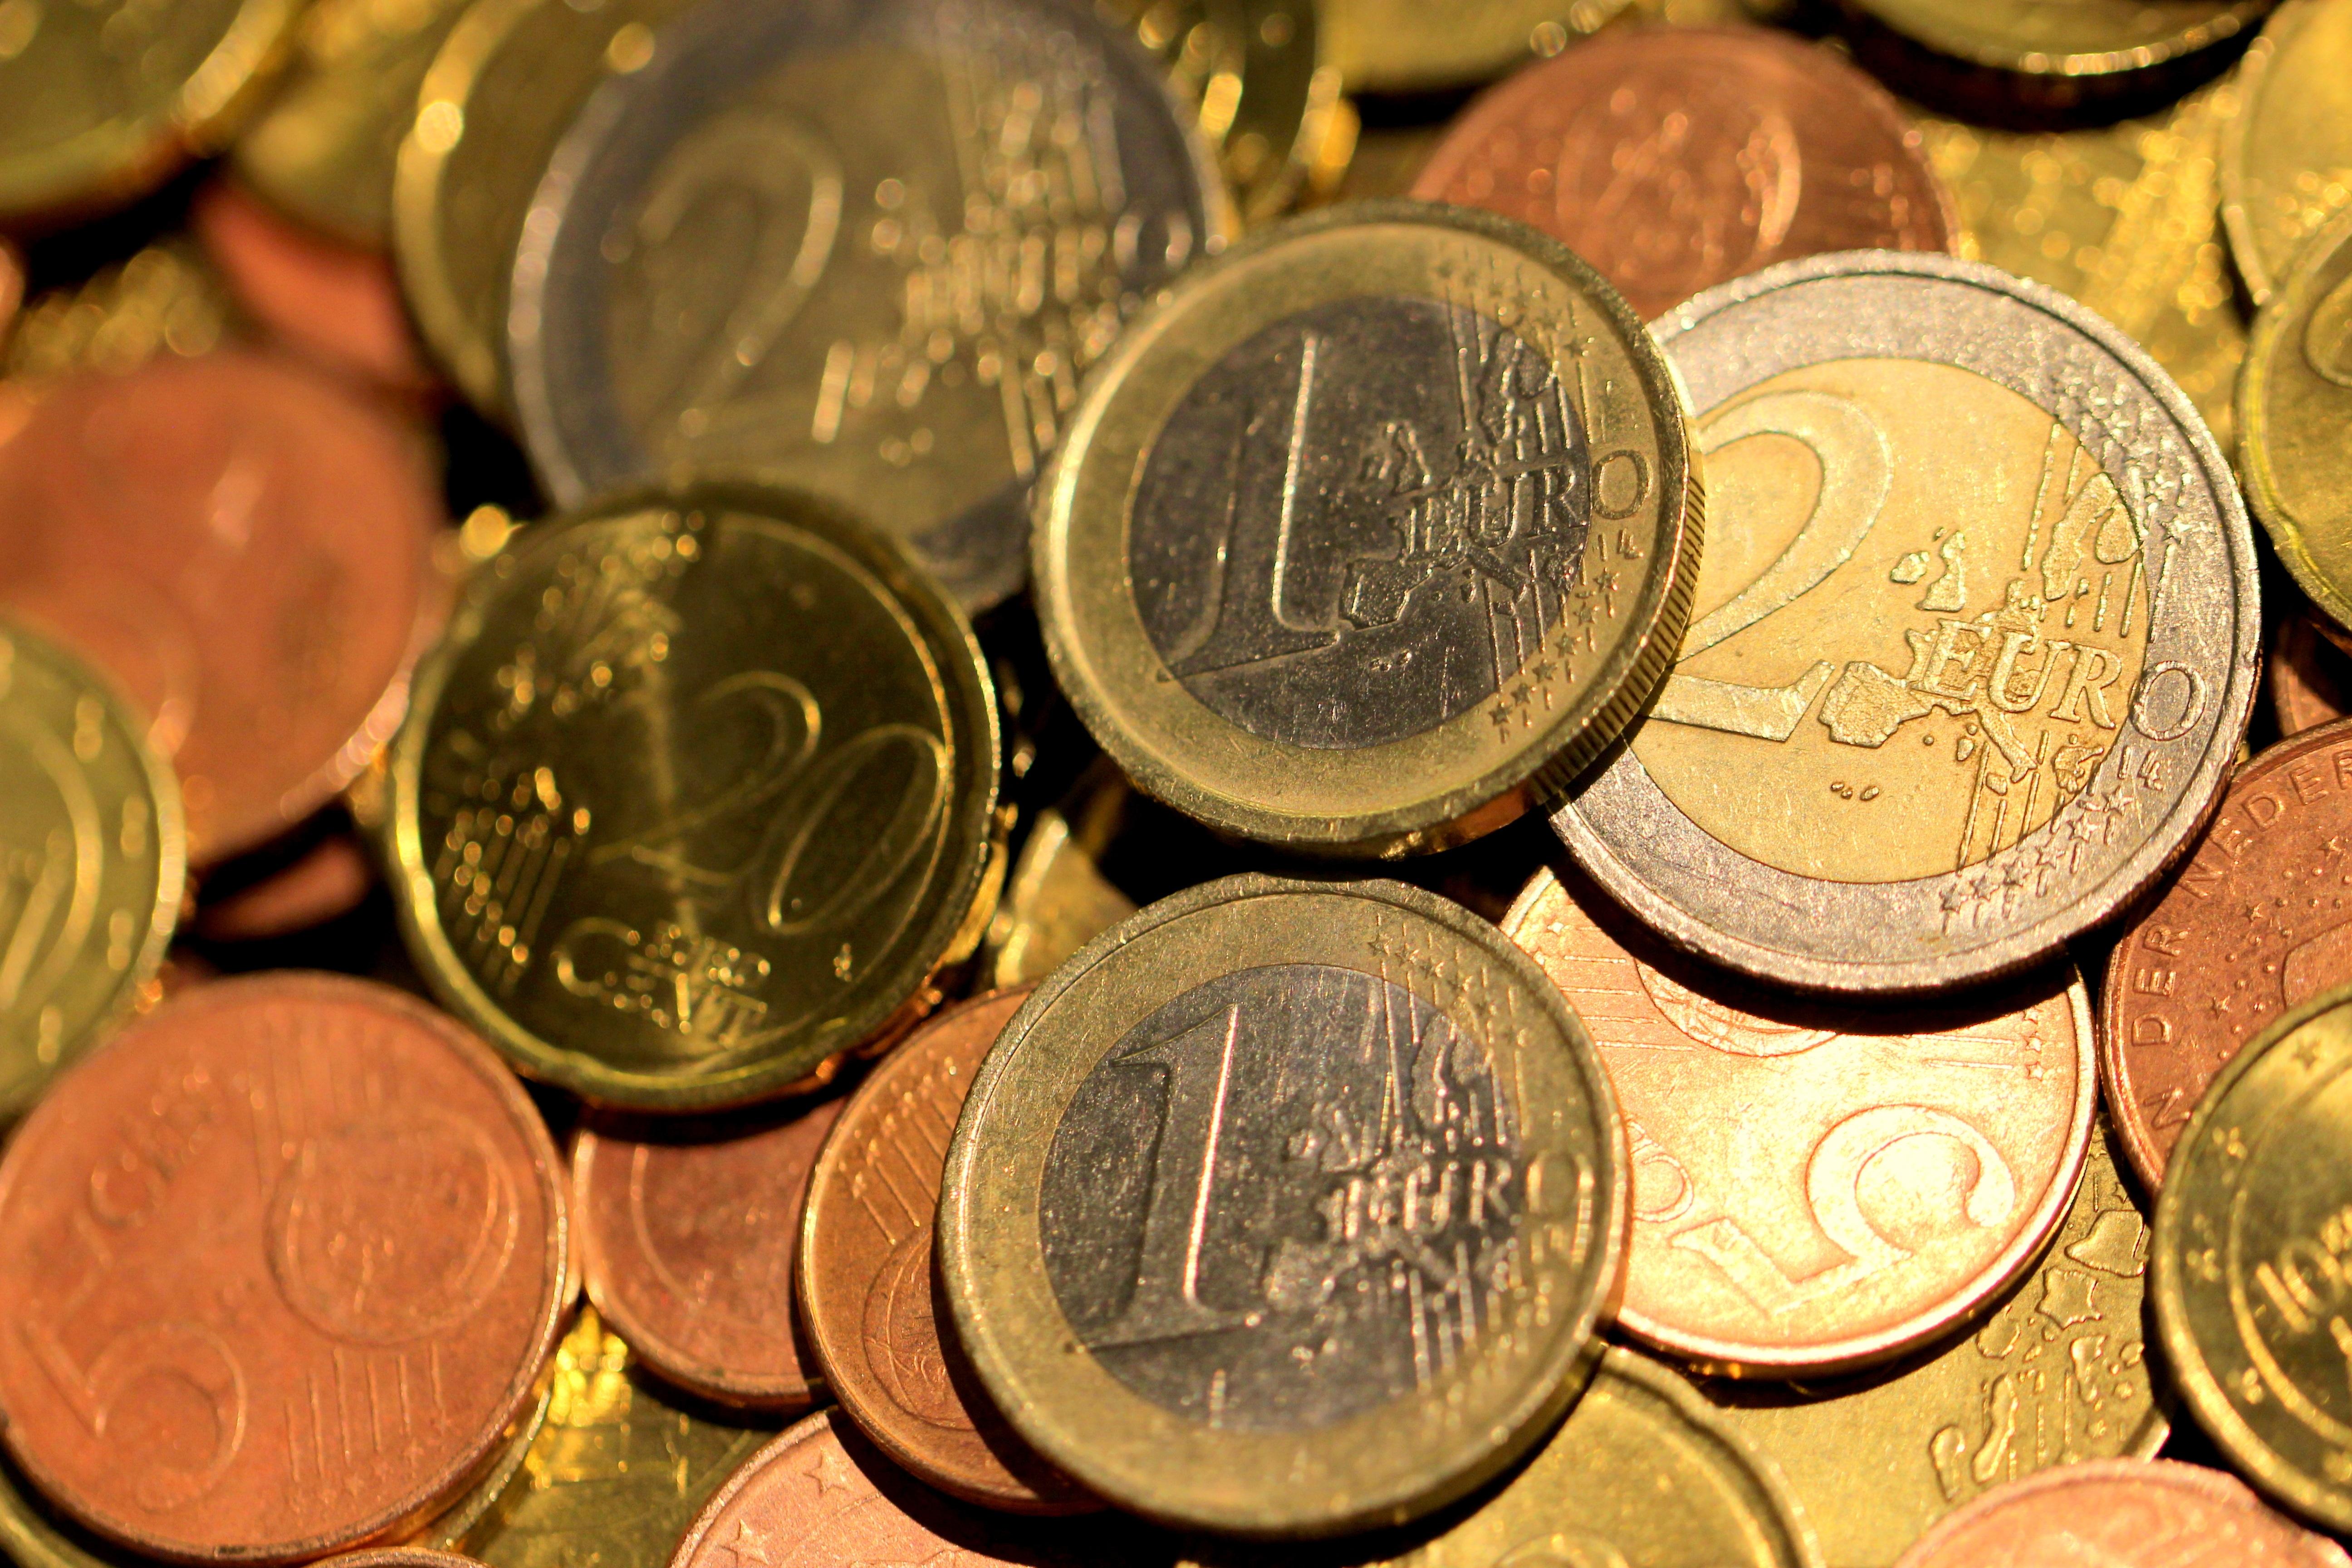 Gold For Cash >> Free fotobanka : zlatý, kov, peníze, trh, obchodní, zblízka, hotovost, banka, zlato, skladem ...